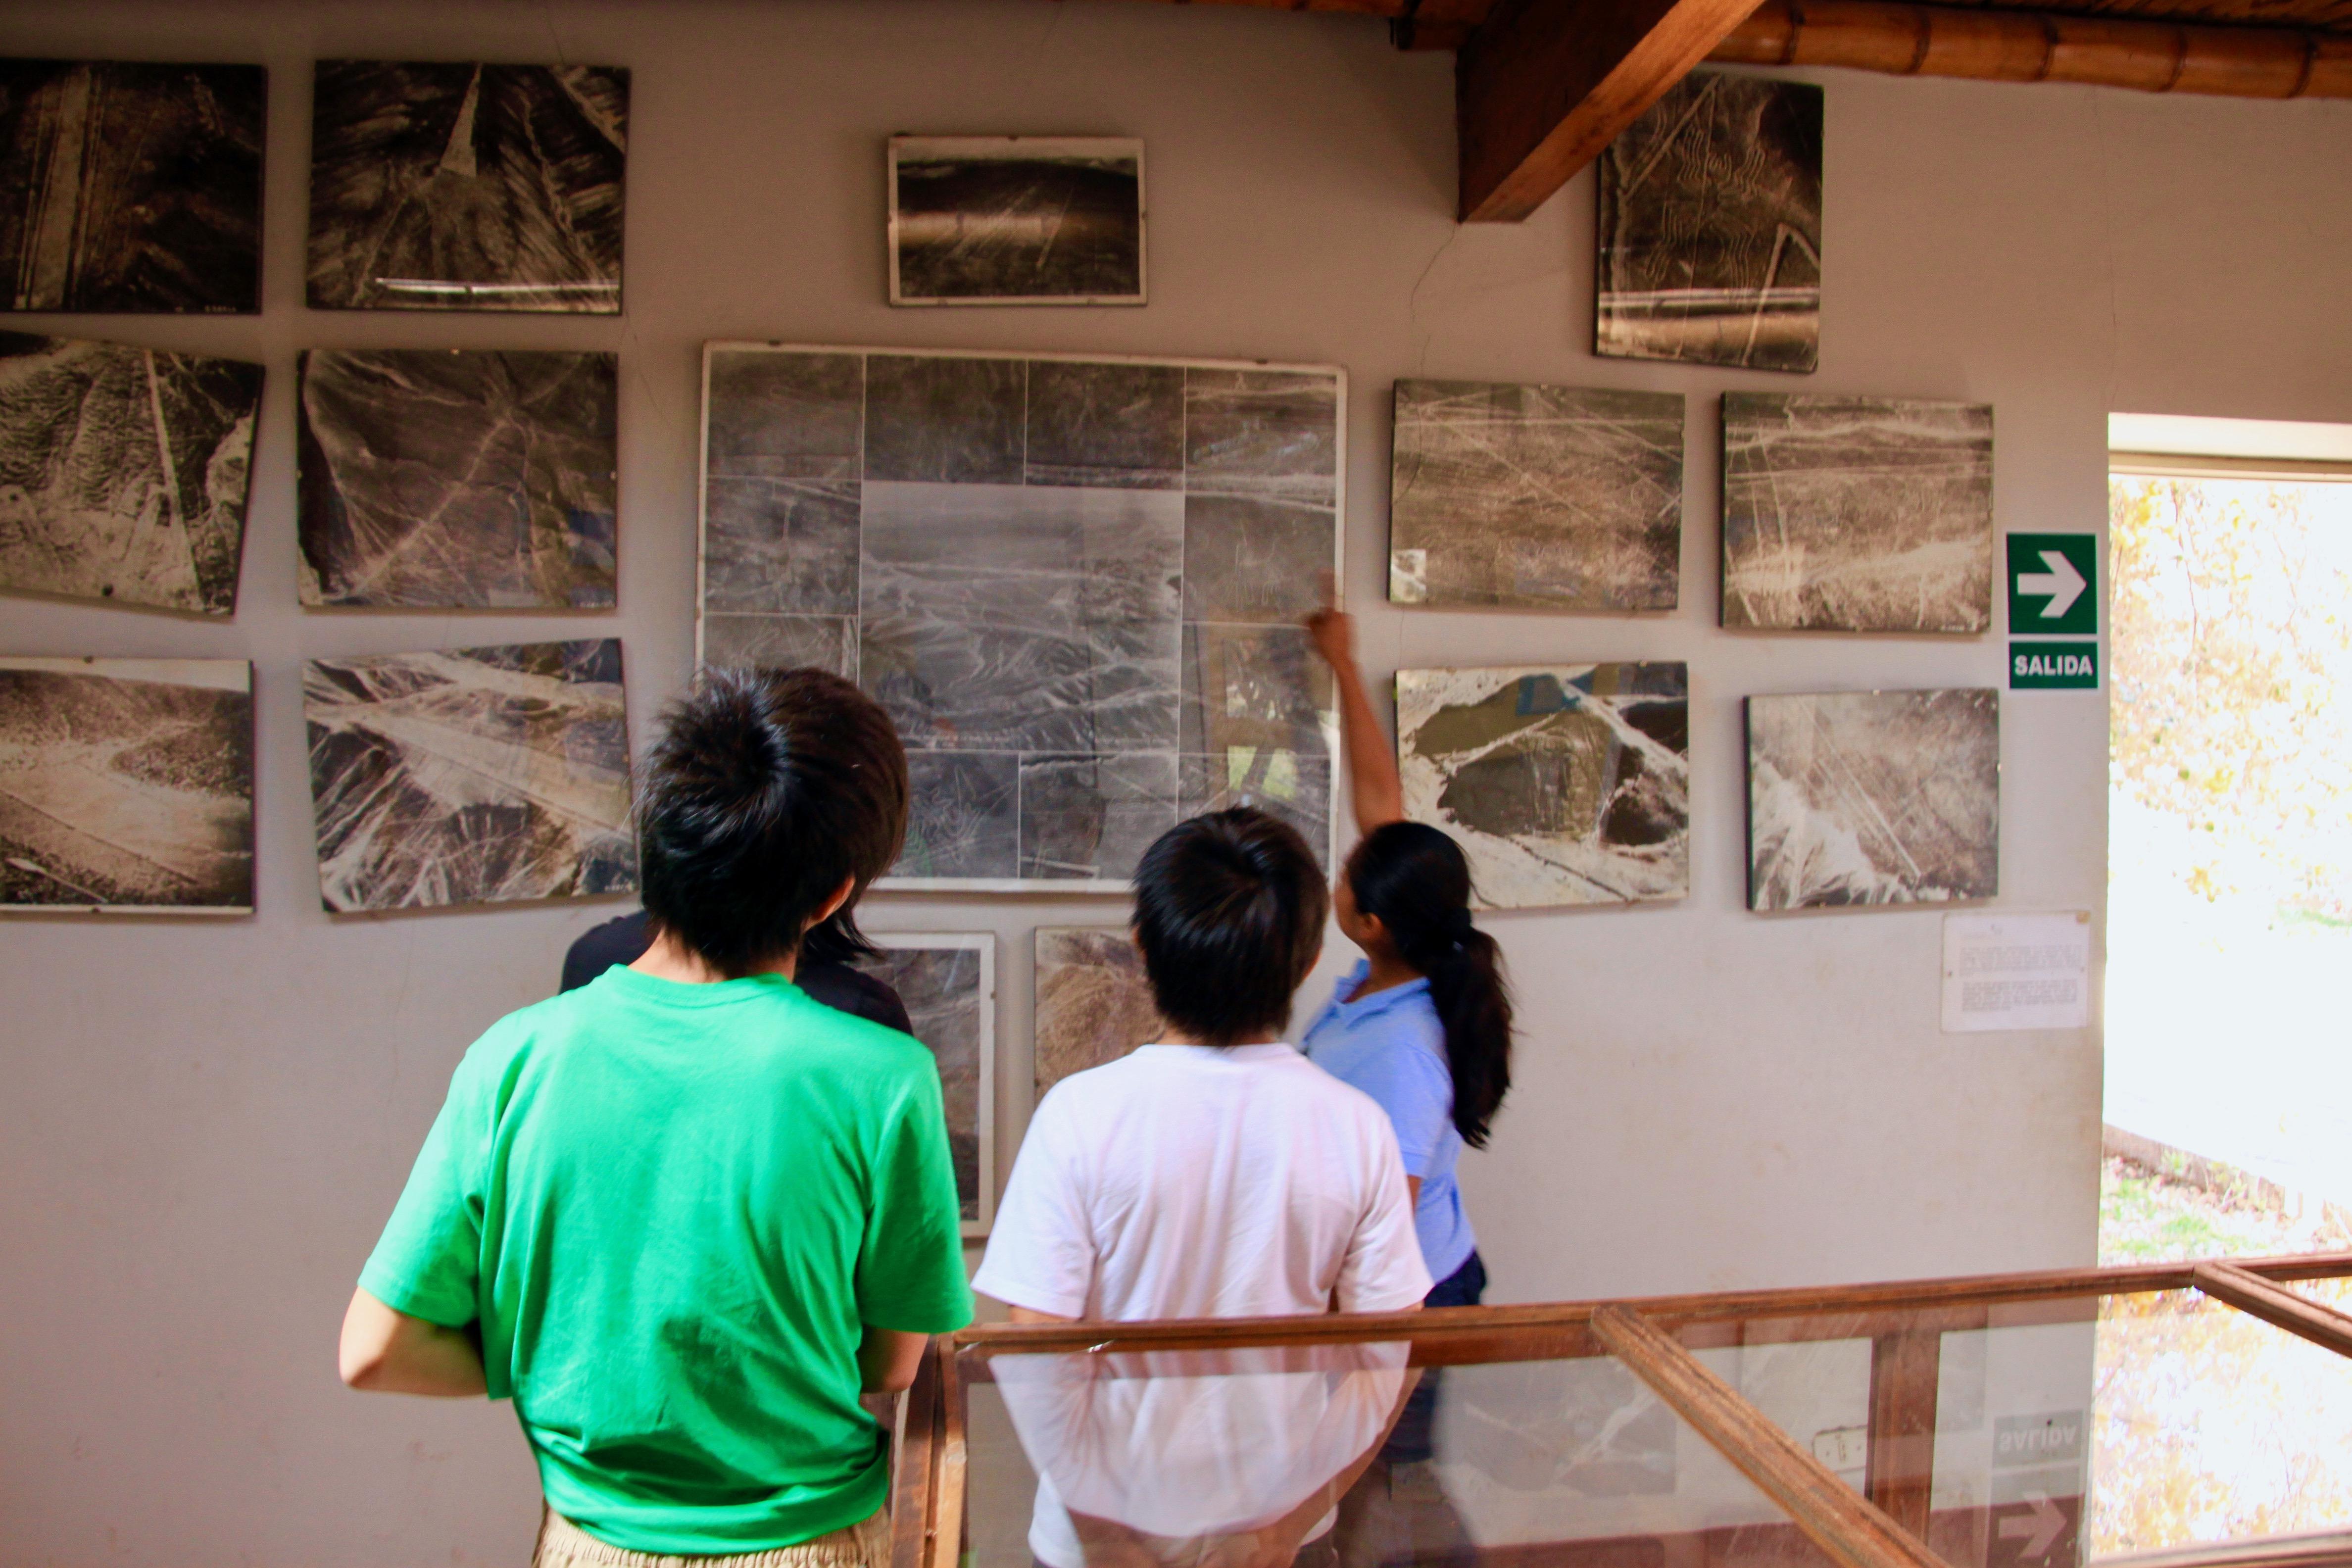 博物館の展示物を見学する子供達